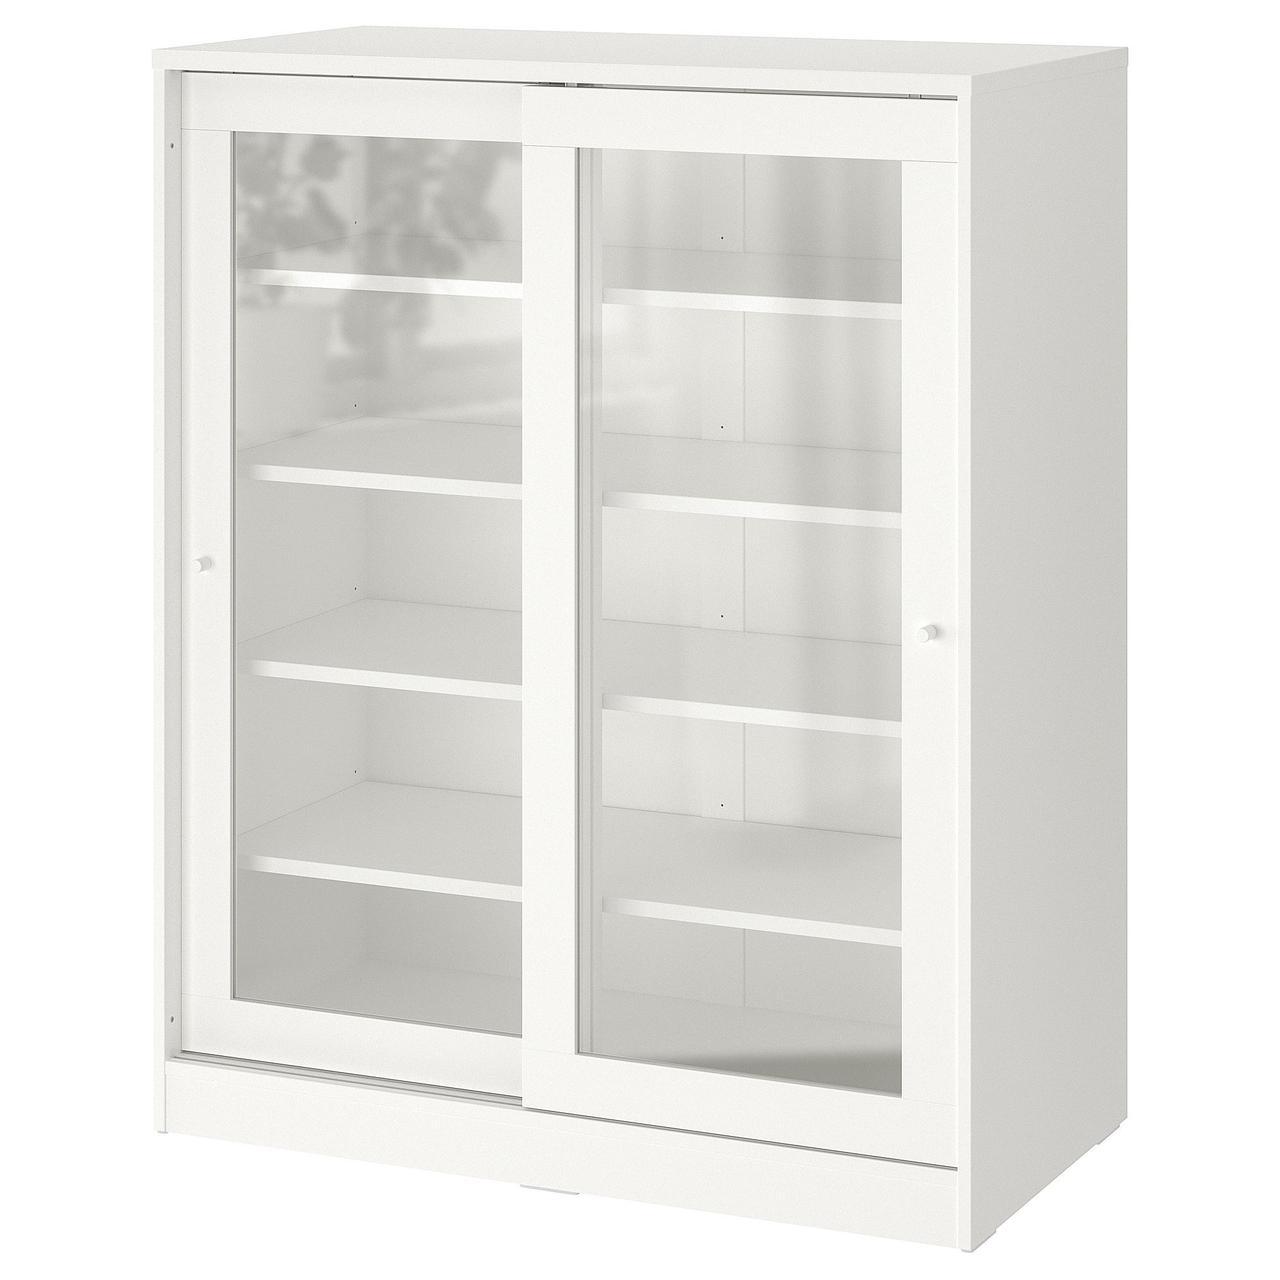 Шкаф со стеклянными дверцами IKEA SYVDE белый 100x123 см 304.395.65